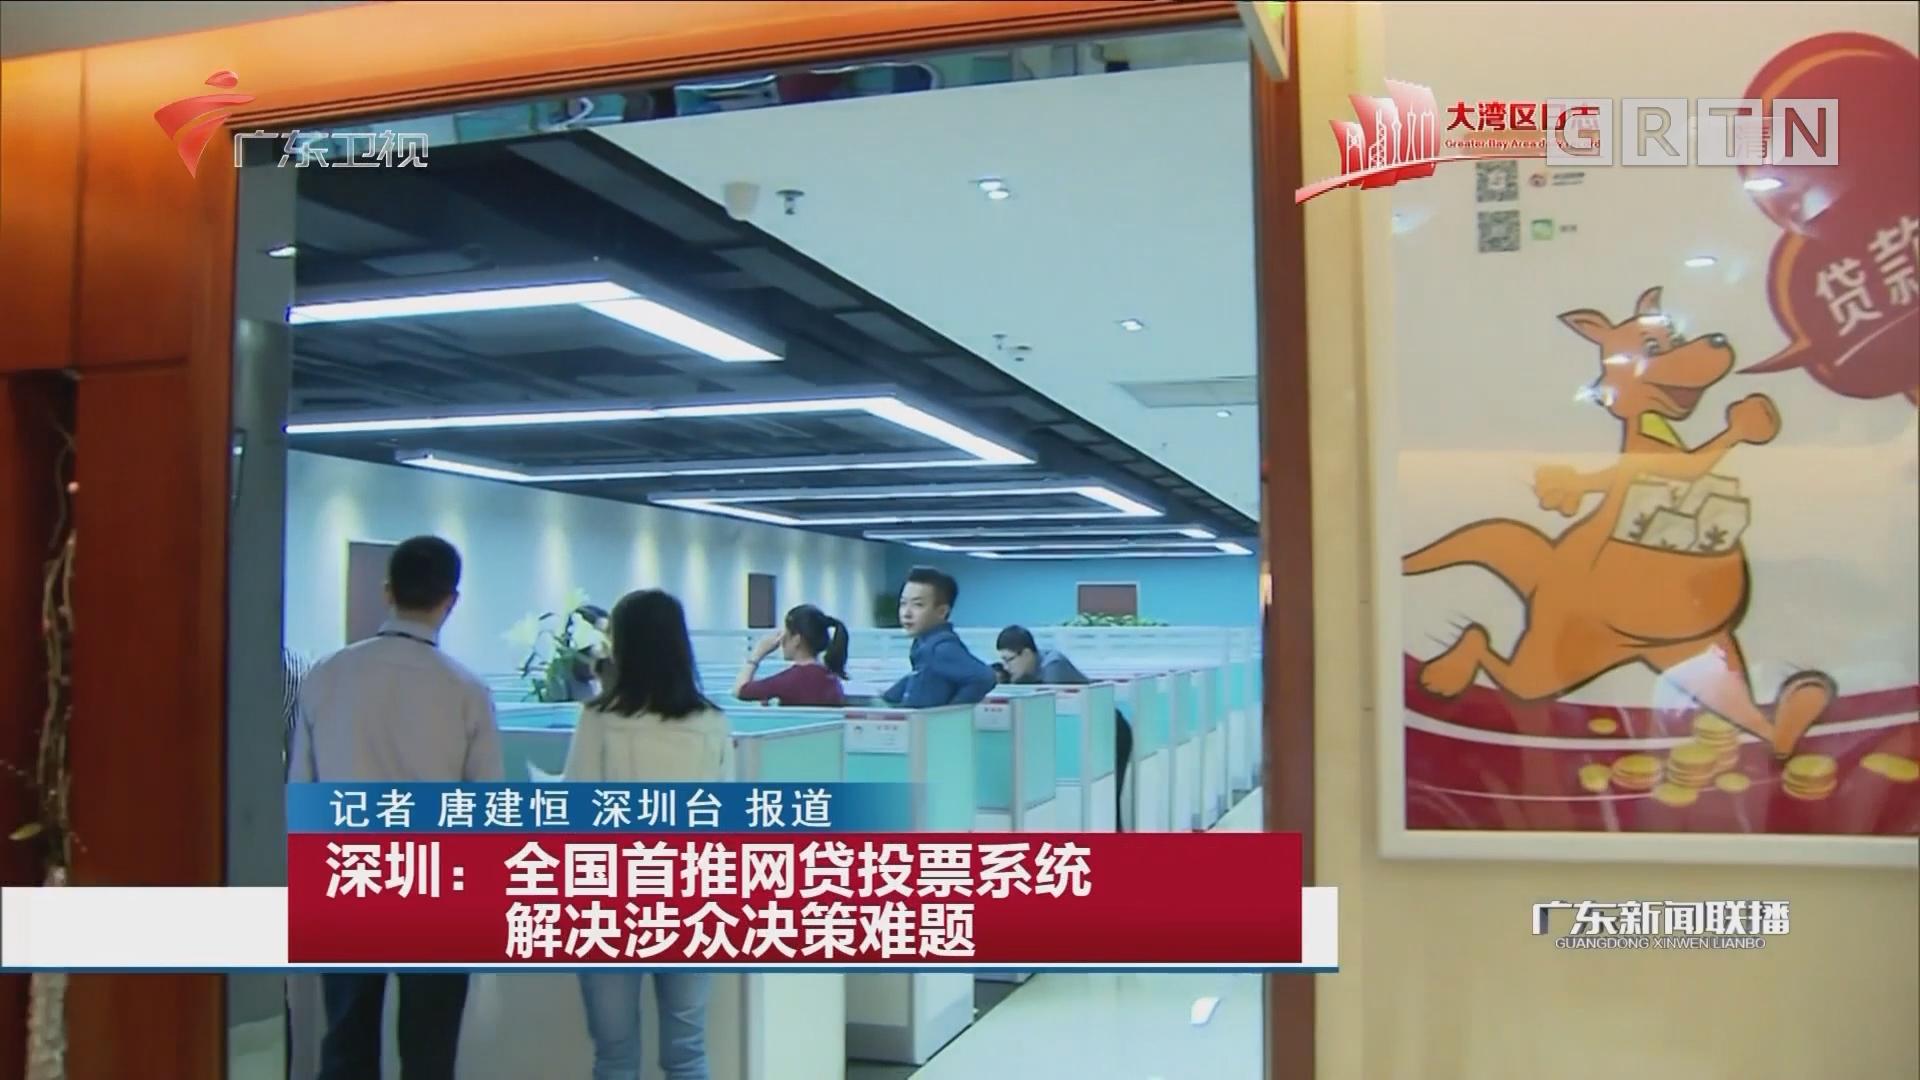 深圳:全国首推网贷投票系统 解决涉众决策难题